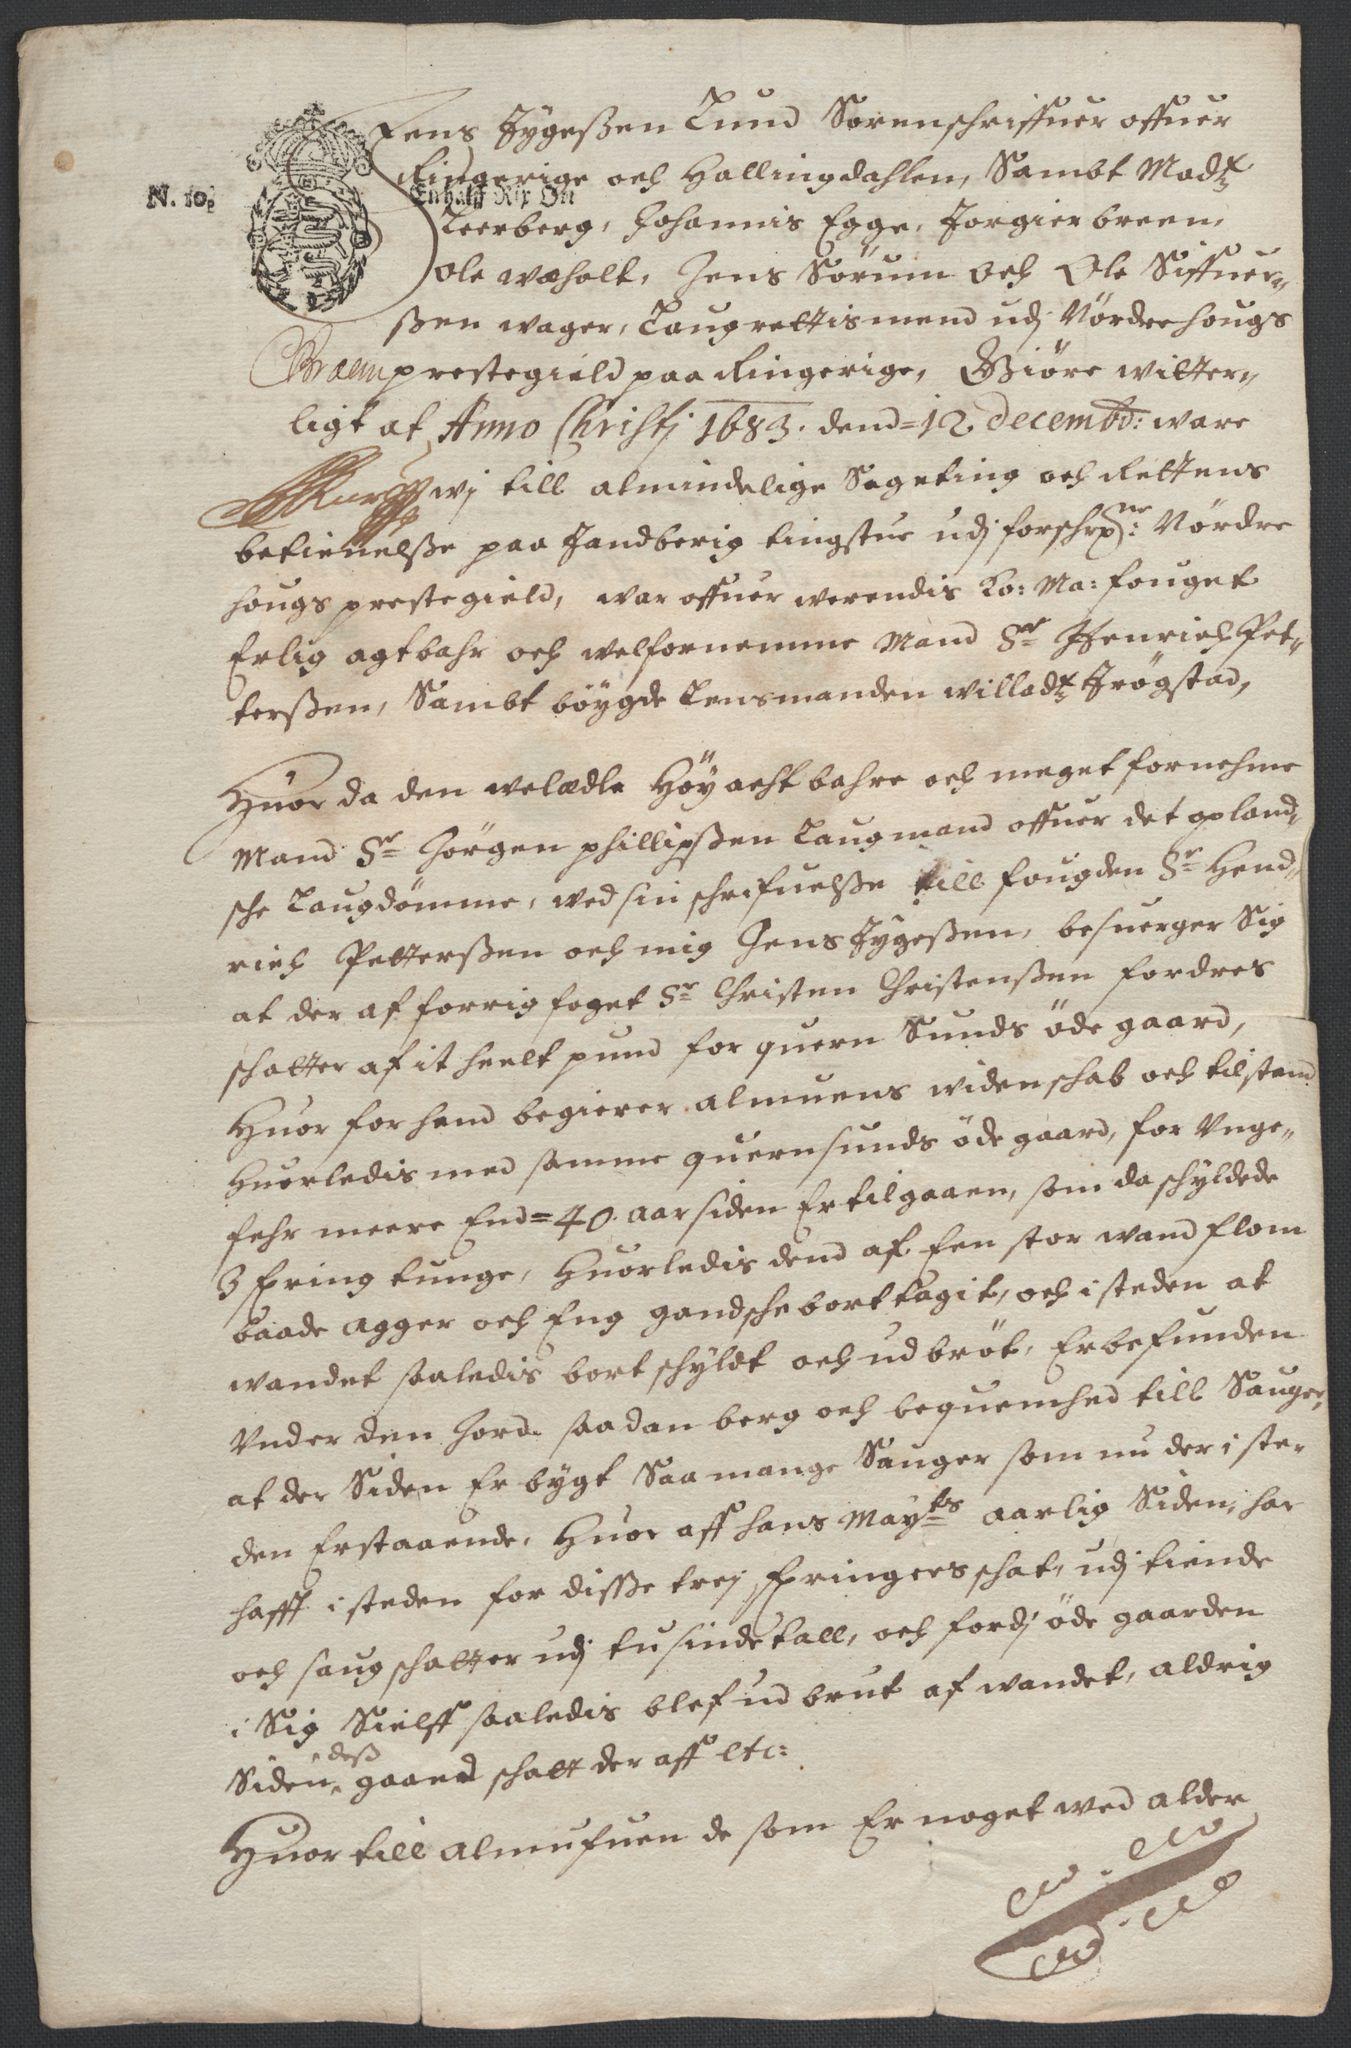 RA, Rentekammeret inntil 1814, Reviderte regnskaper, Fogderegnskap, R21/L1446: Fogderegnskap Ringerike og Hallingdal, 1683-1686, s. 408